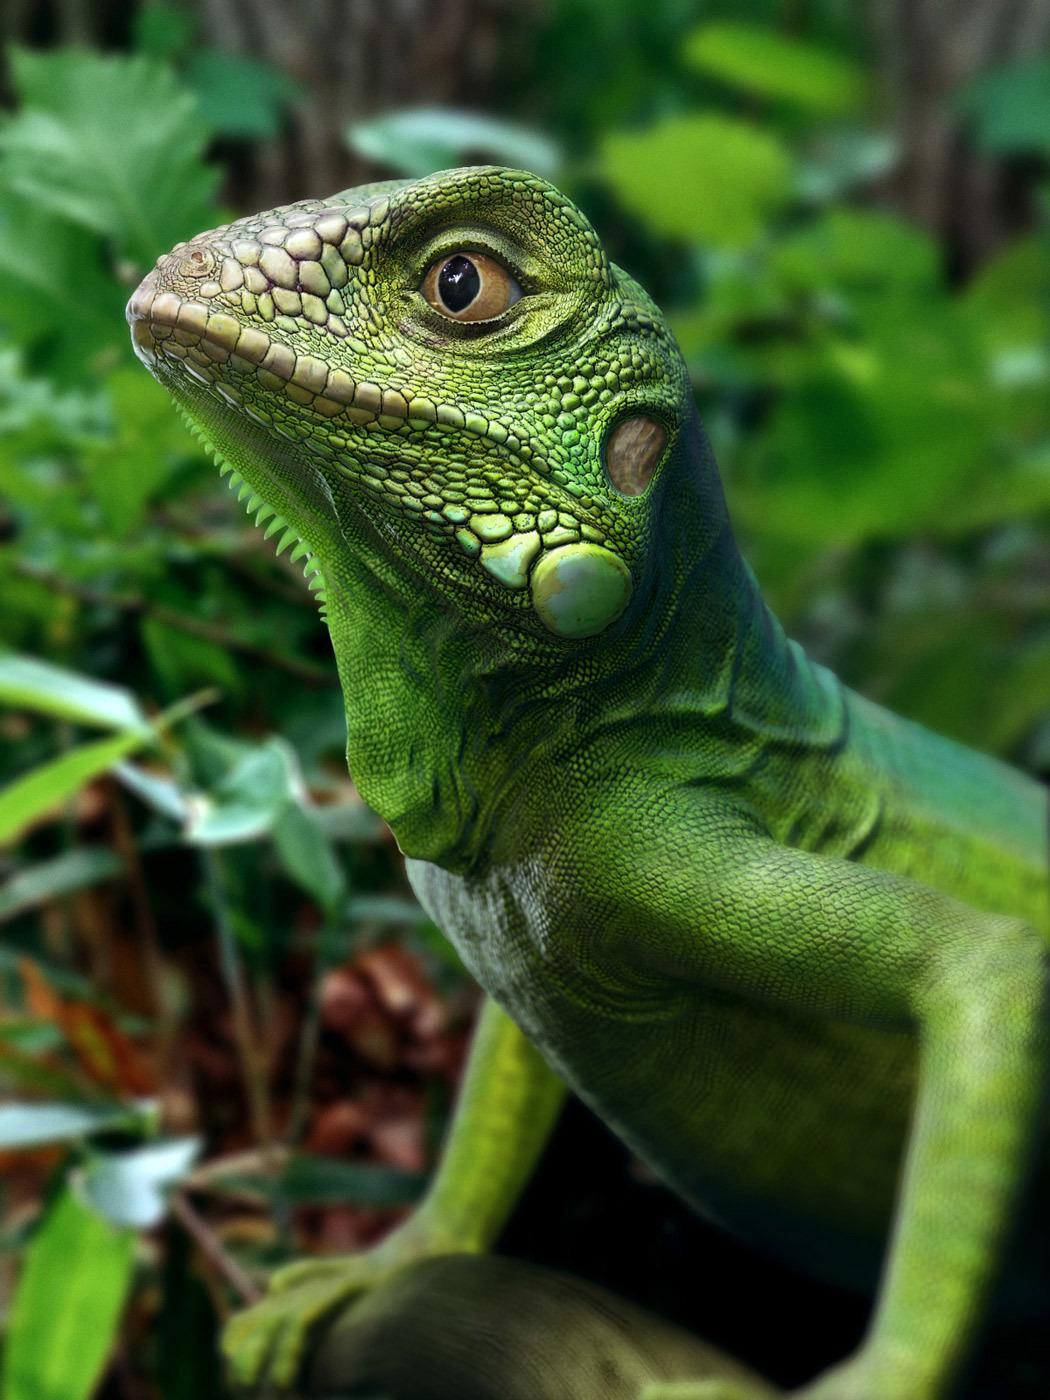 Lixiaodong green iguana dong808 1 1d185885 zkxy